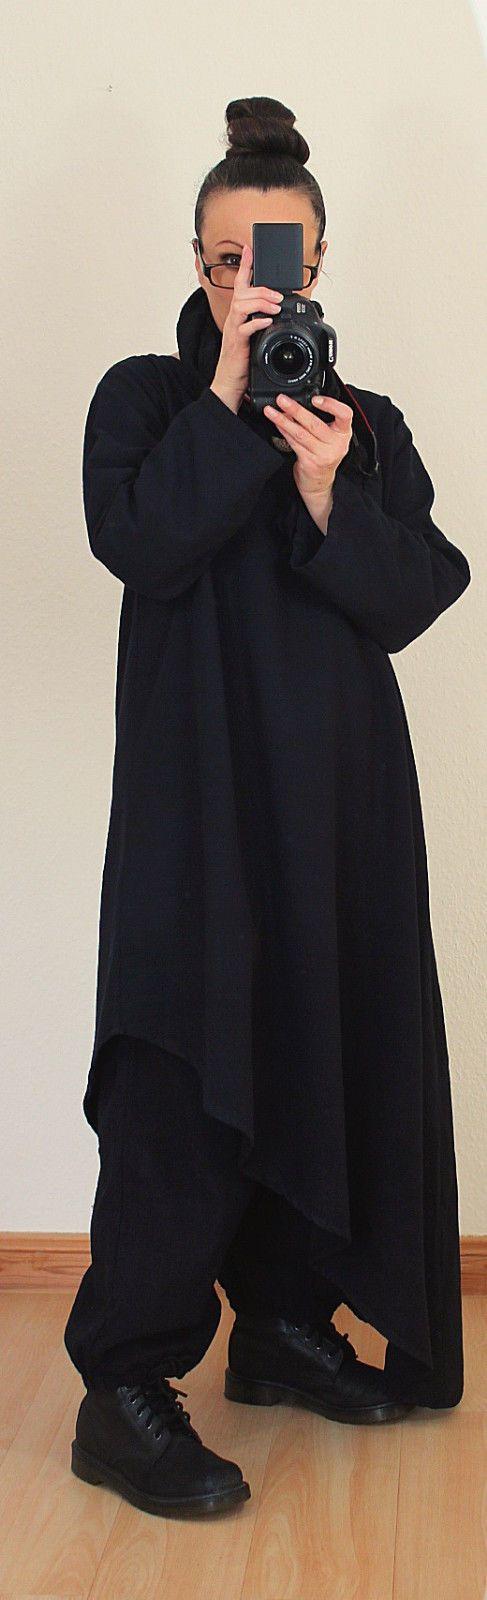 Schwarz 46 48 50 LAGENLOOK LONG TUNIKA KLEID Leinen Kurta asymmetrisch Gothic in Kleidung & Accessoires, Damenmode, Kleider | eBay!